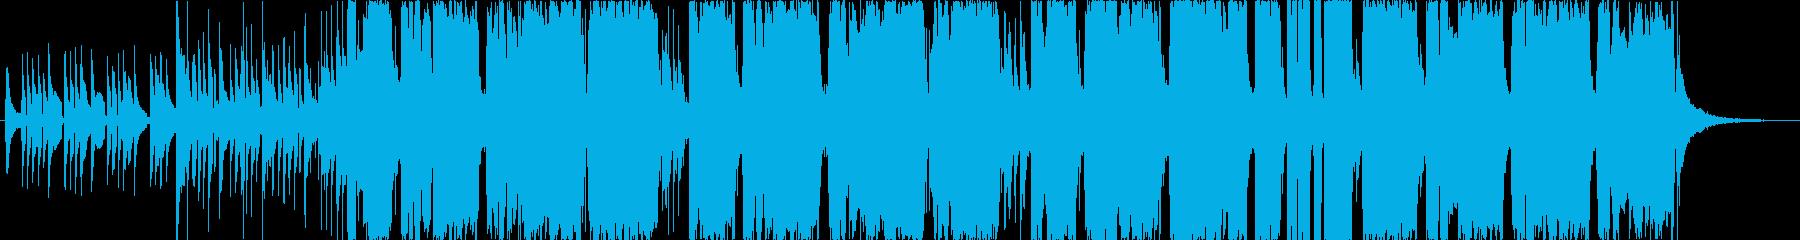 セクシー・エロなトランペットのBGMの再生済みの波形